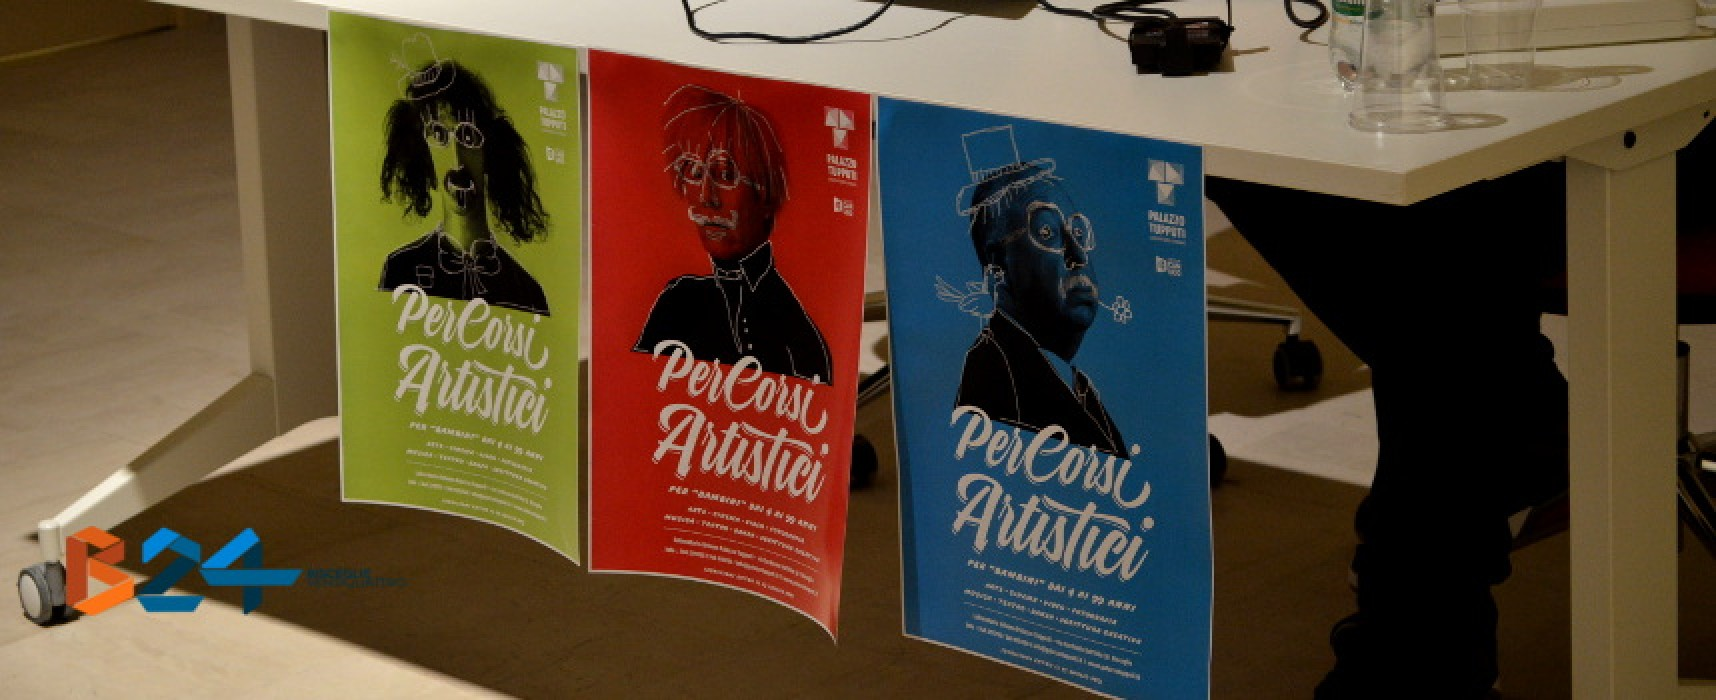 Palazzo Tupputi, presentazione del nuovo programma dei PerCorsi Artistici